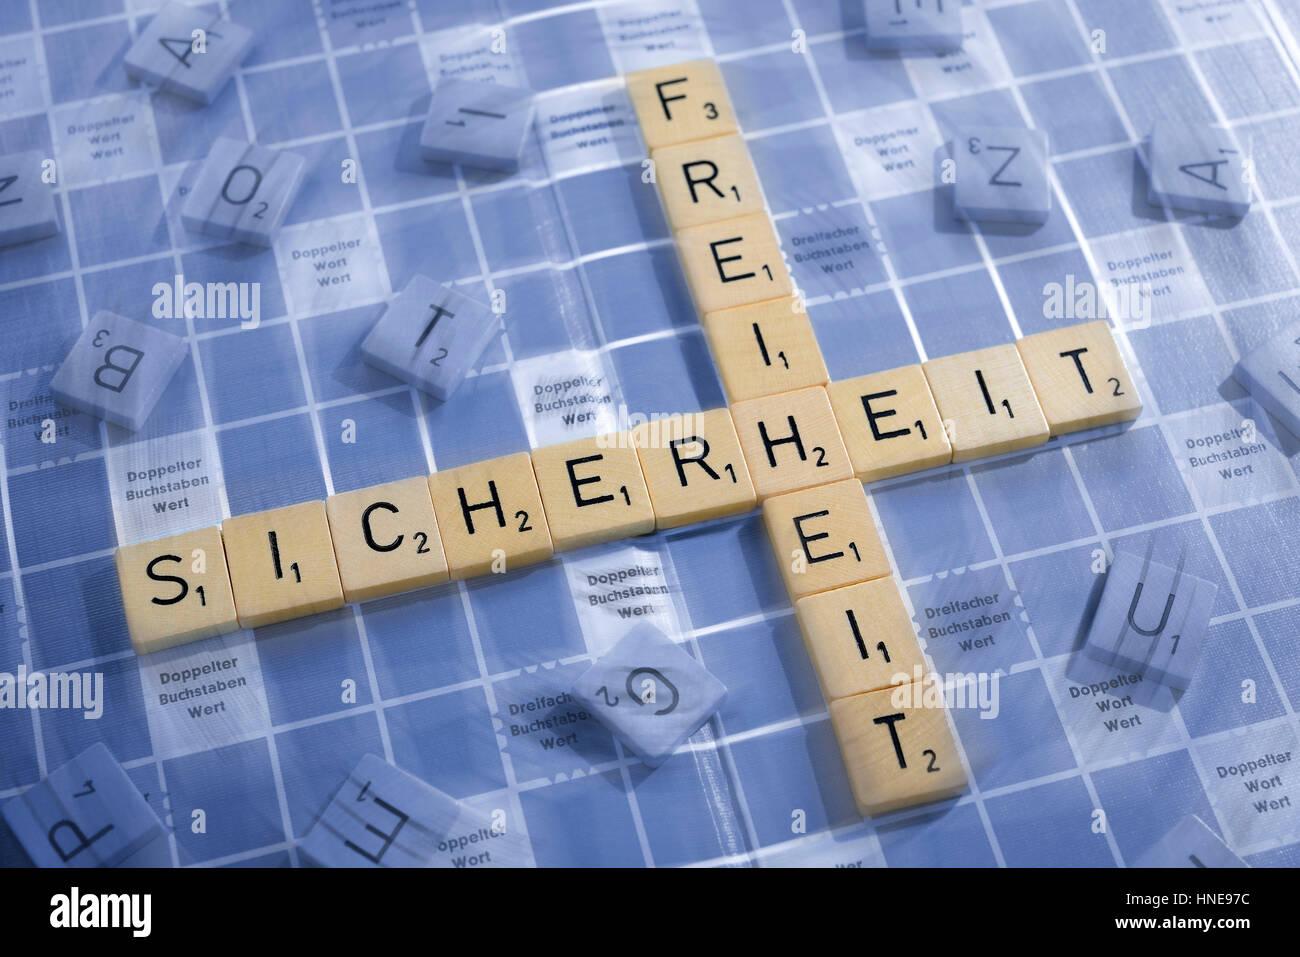 Briefe, bilden die Wörter Sicherheit und Freiheit, Buchstaben Steinring sterben Wörter Sicherheit Und Freiheit Stockfoto